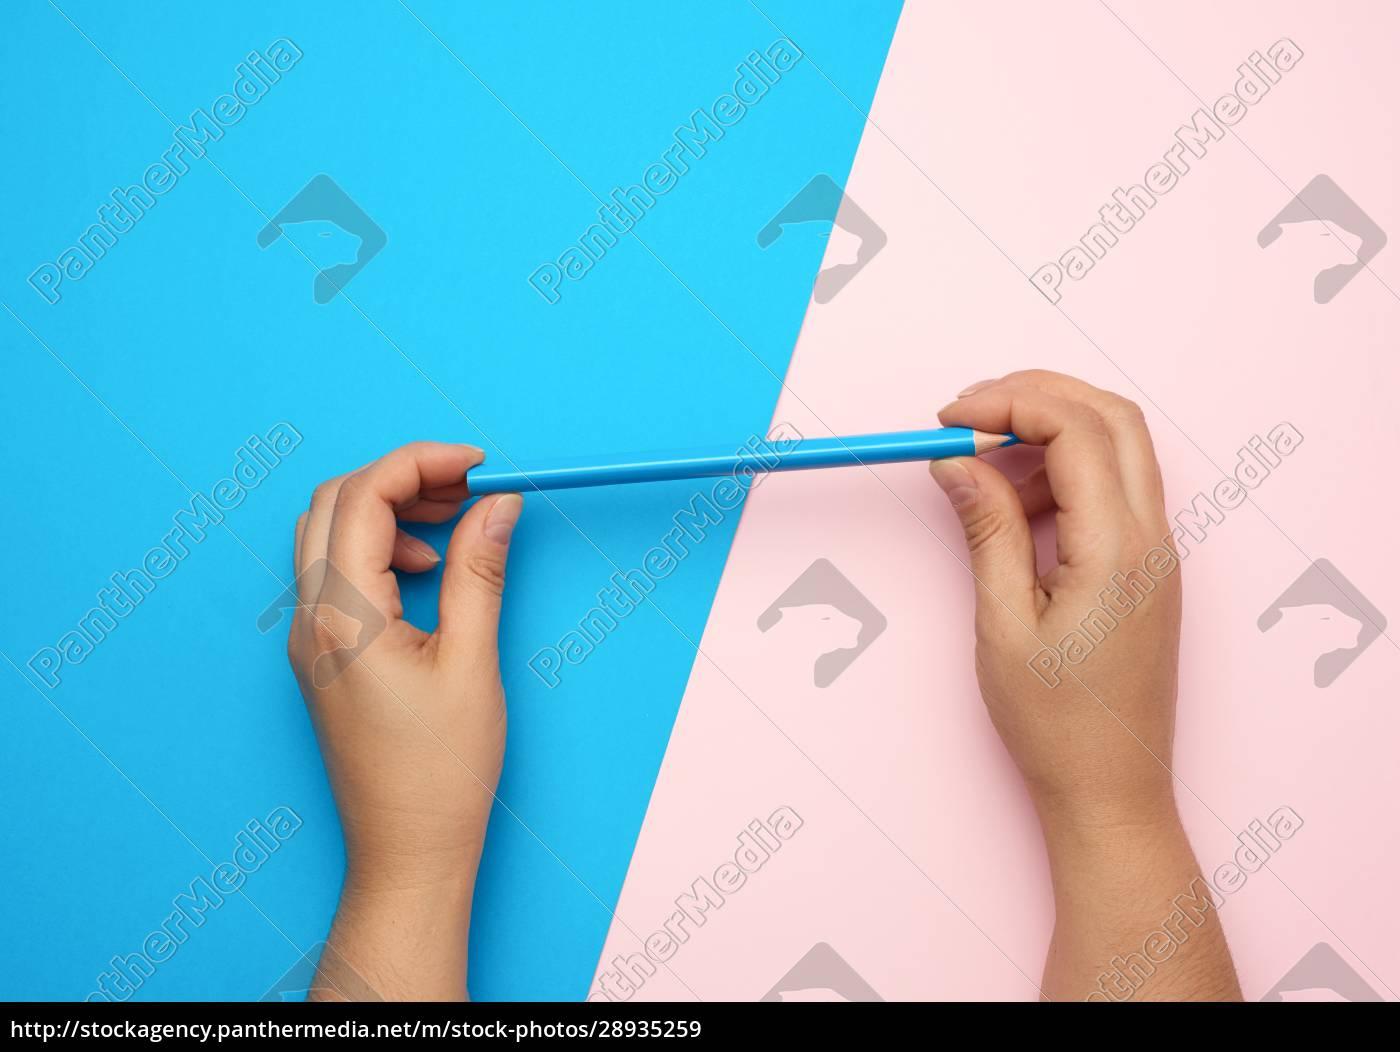 zwei, weibliche, hände, halten, einen, blauen - 28935259